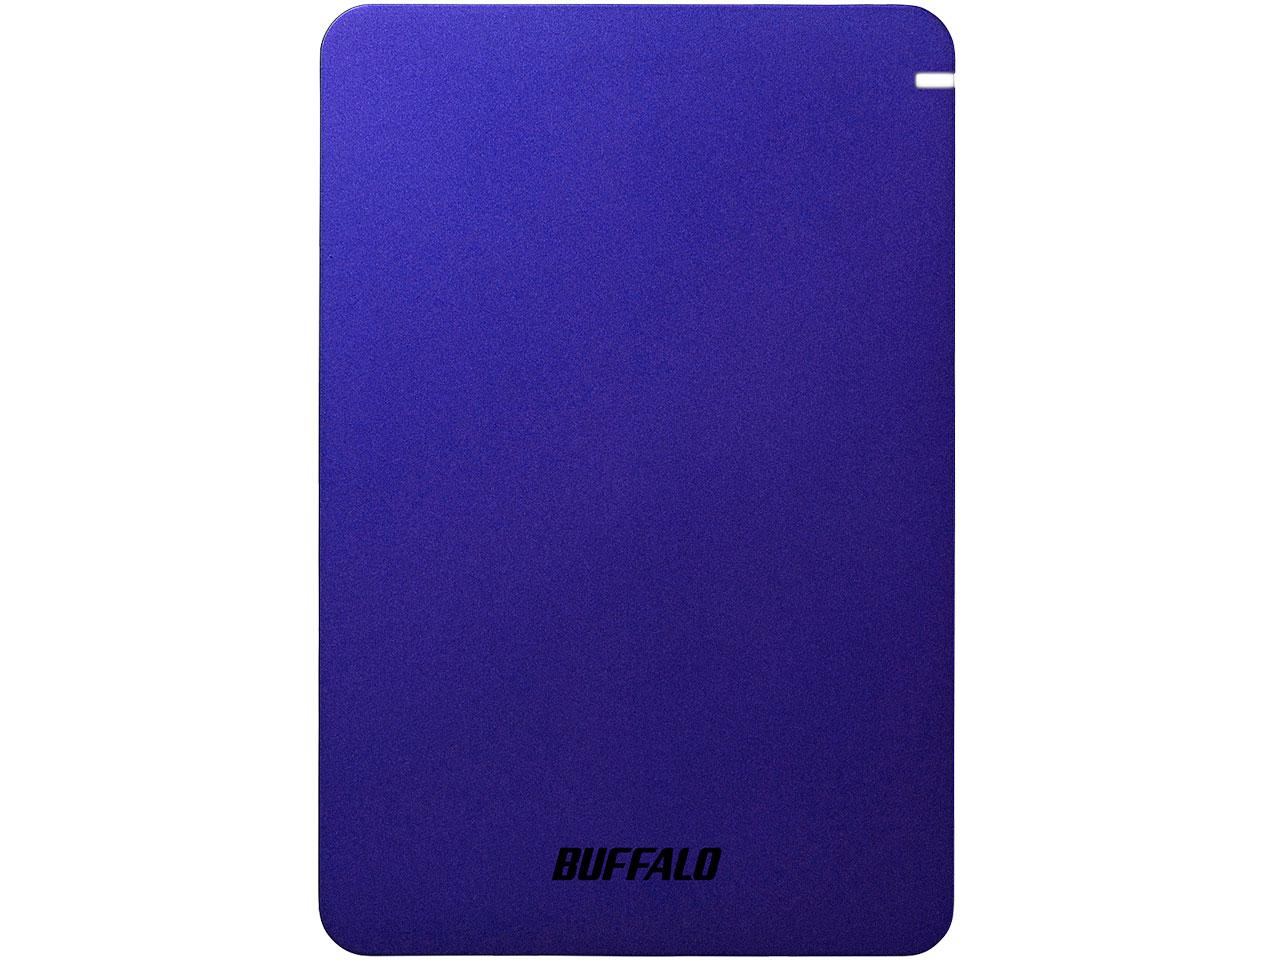 HD-PGF1.0U3-BLA [ブルー] の製品画像